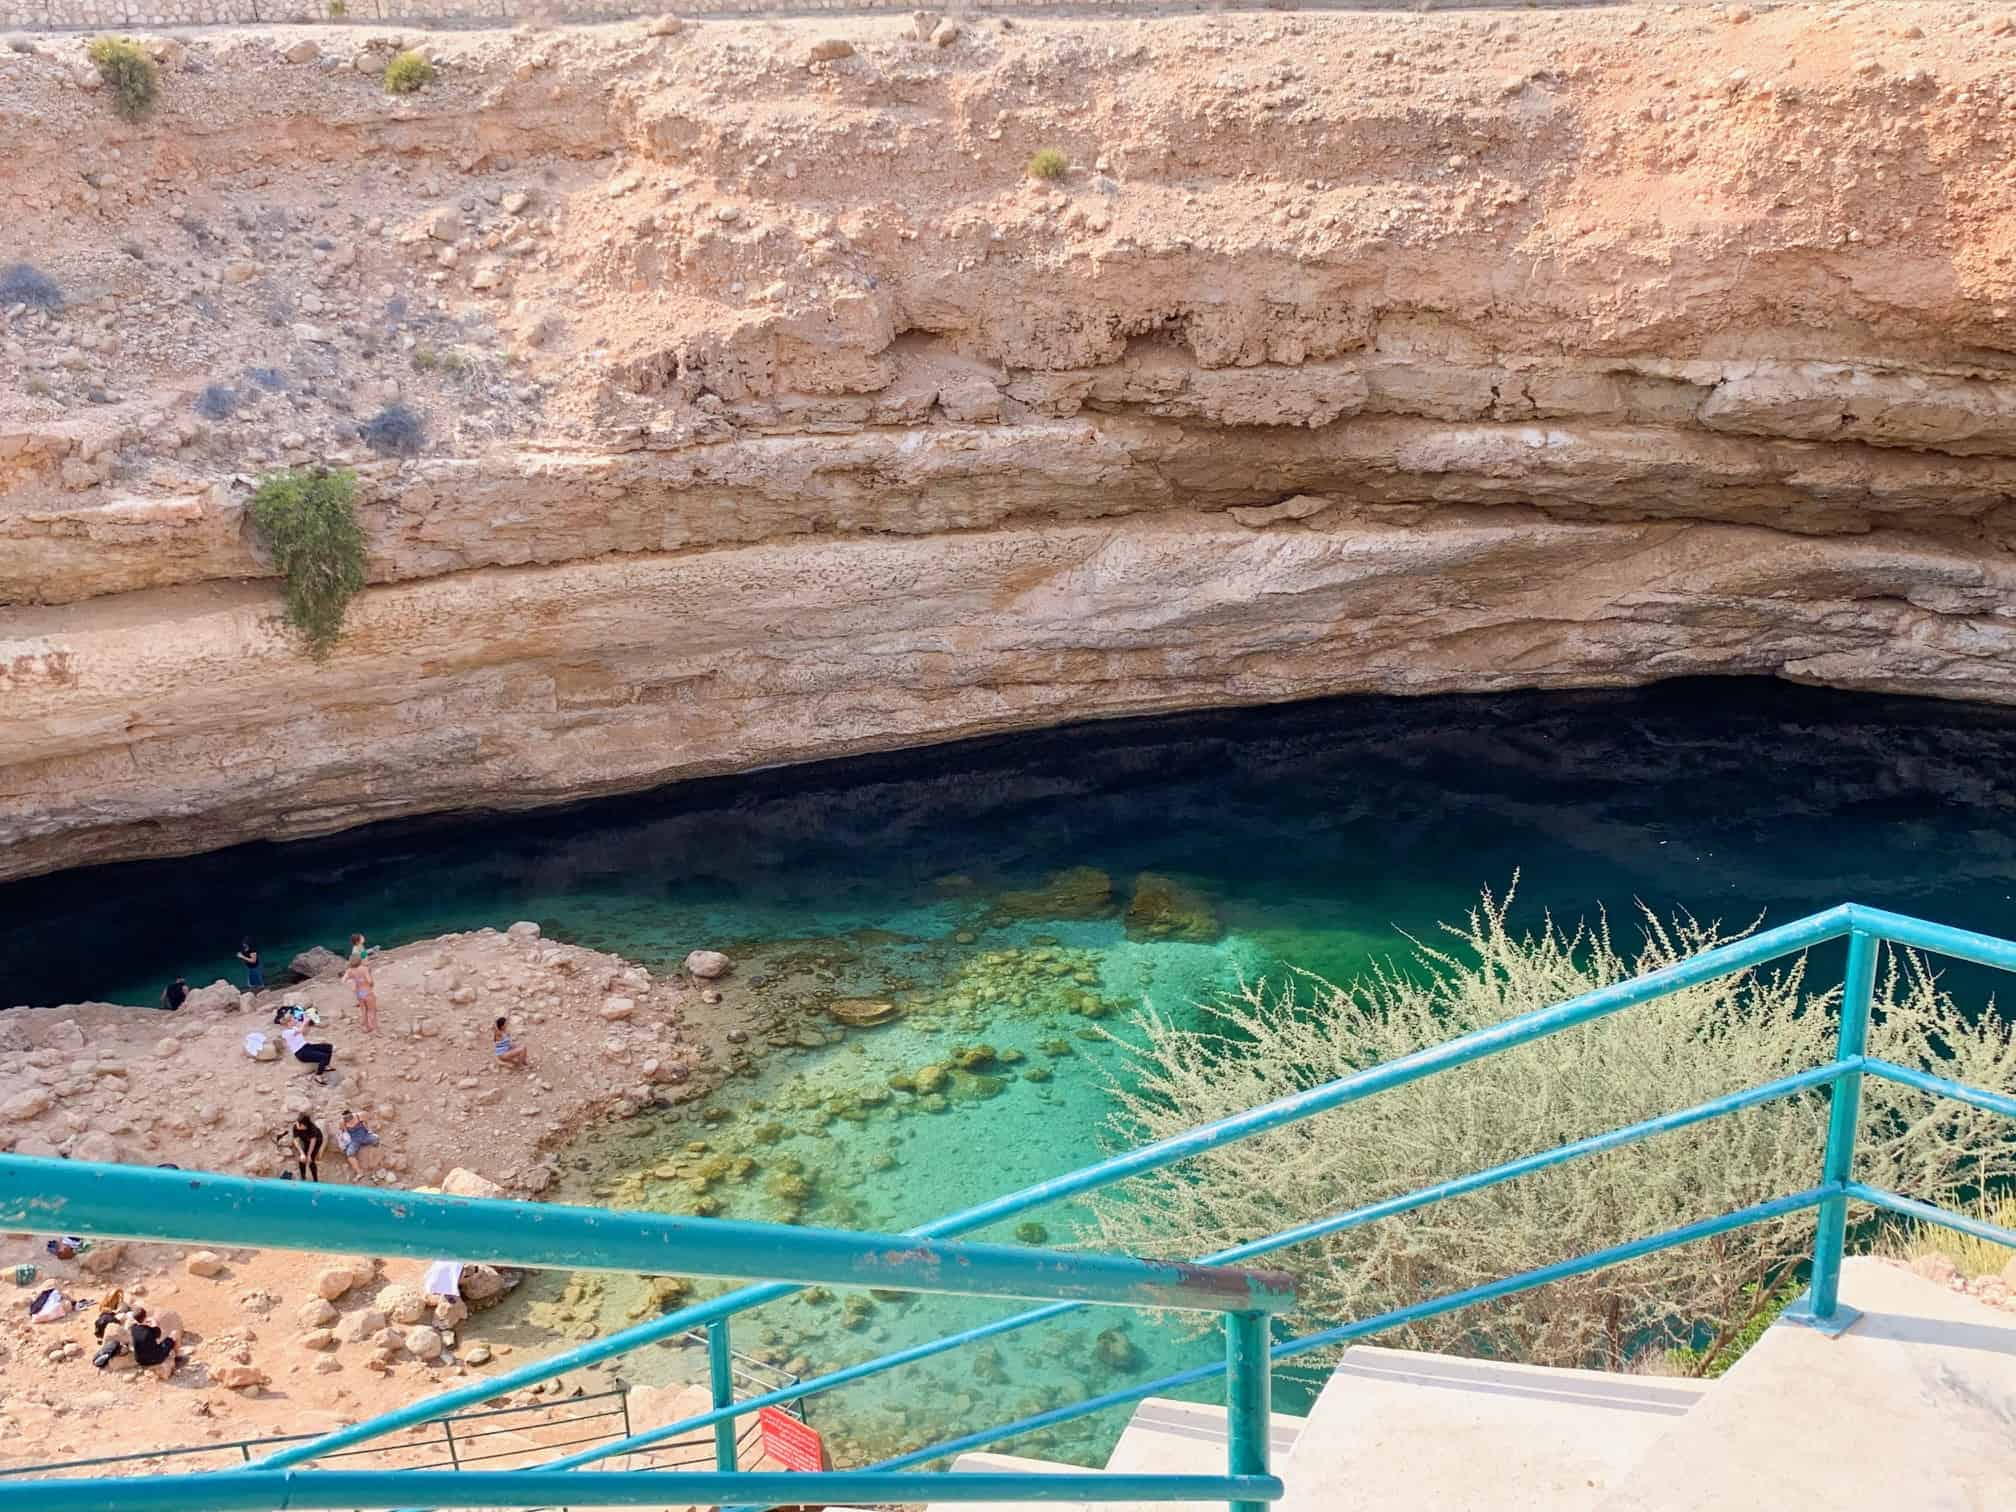 Stairwell down into Bimmah Sinkhole in Oman